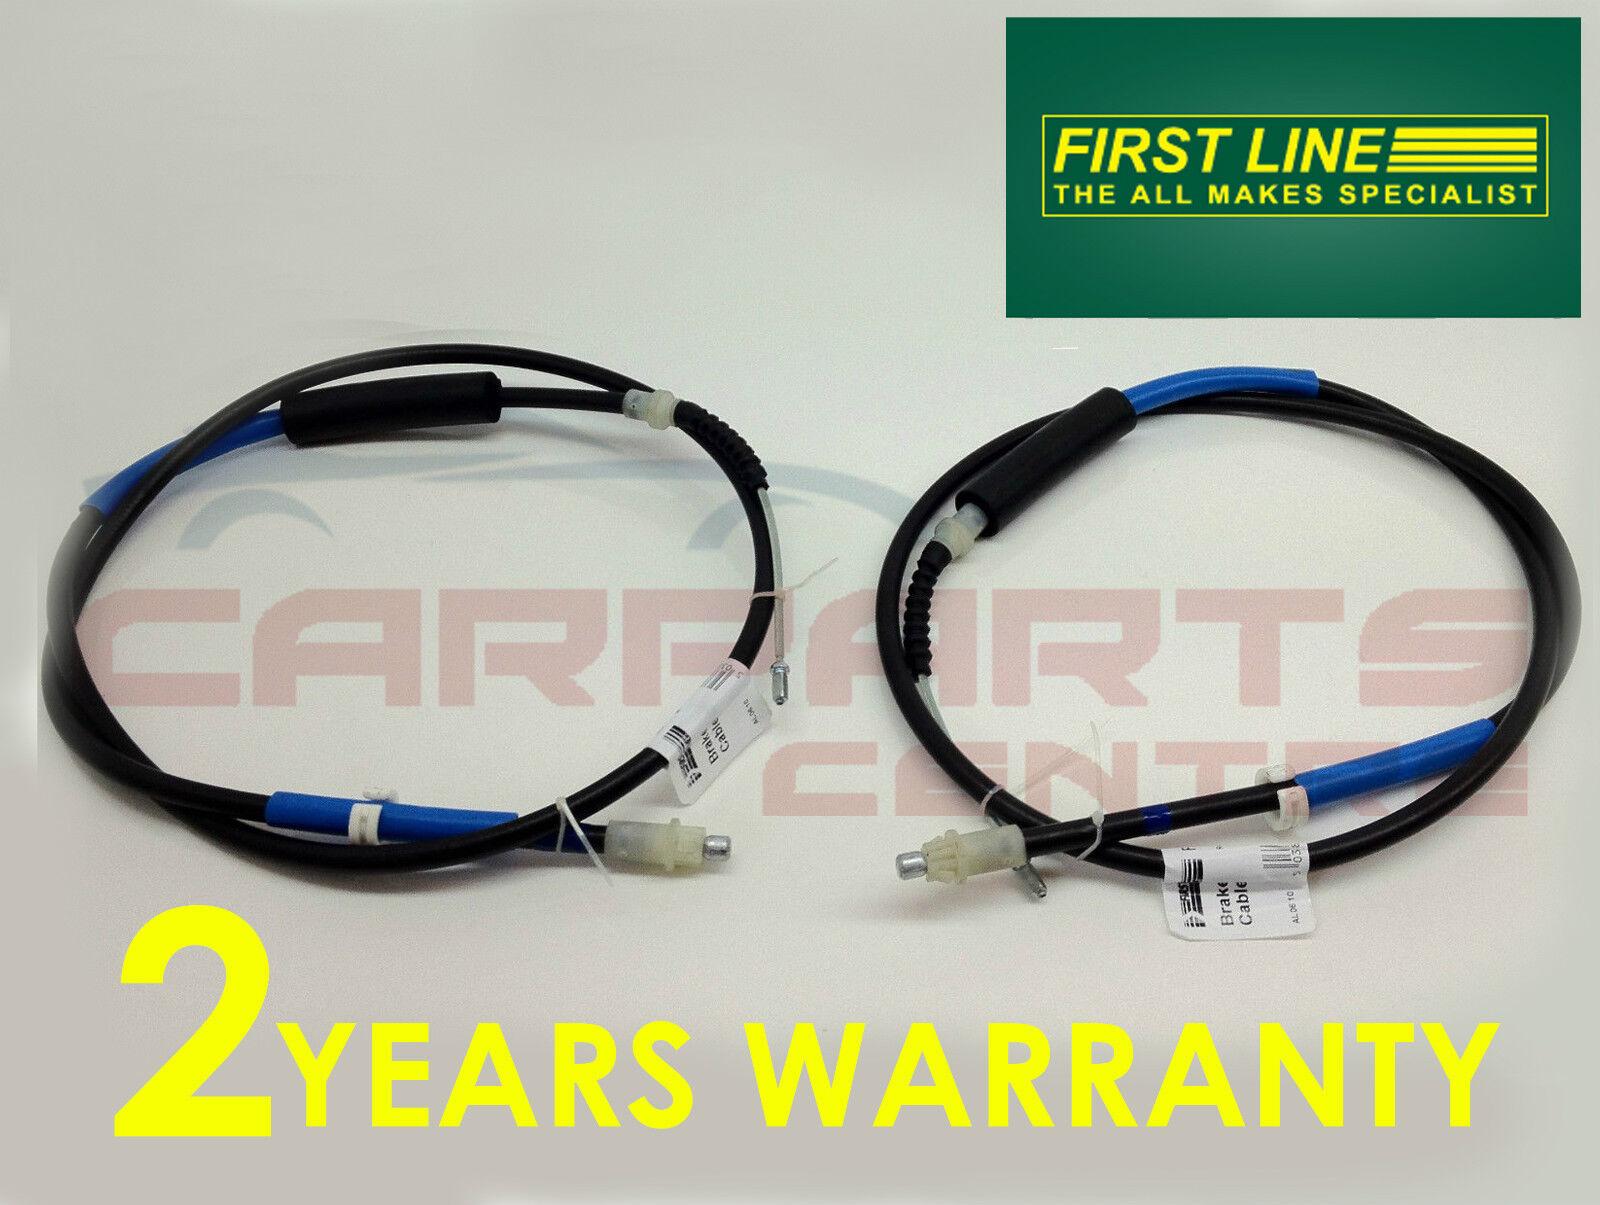 Ford Fiesta Mk2 le câble de frein à main Guides X 2